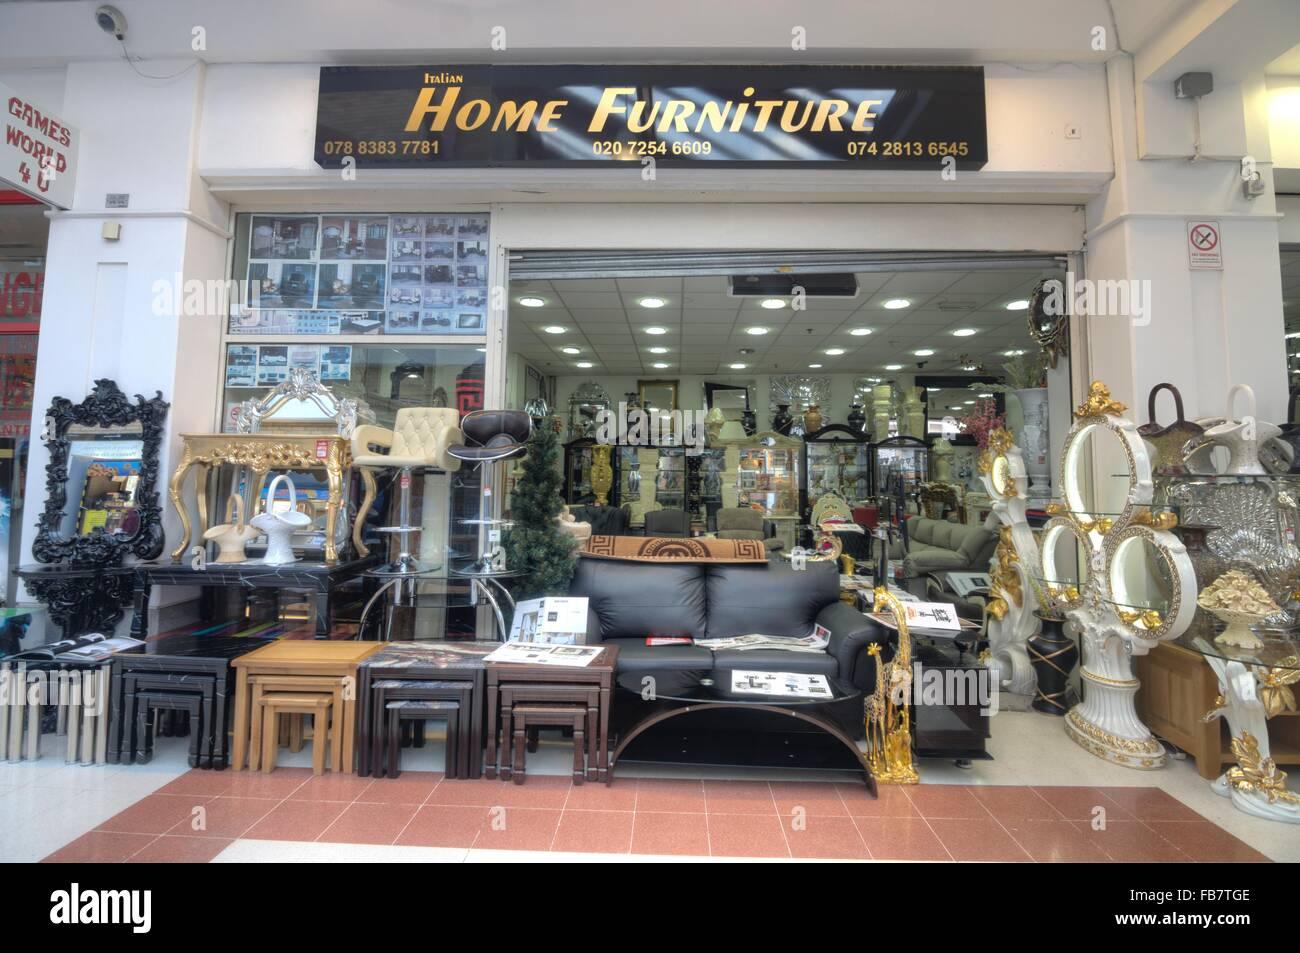 A buon mercato negozio di arredamento. mobili a basso prezzo. Immagini Stock